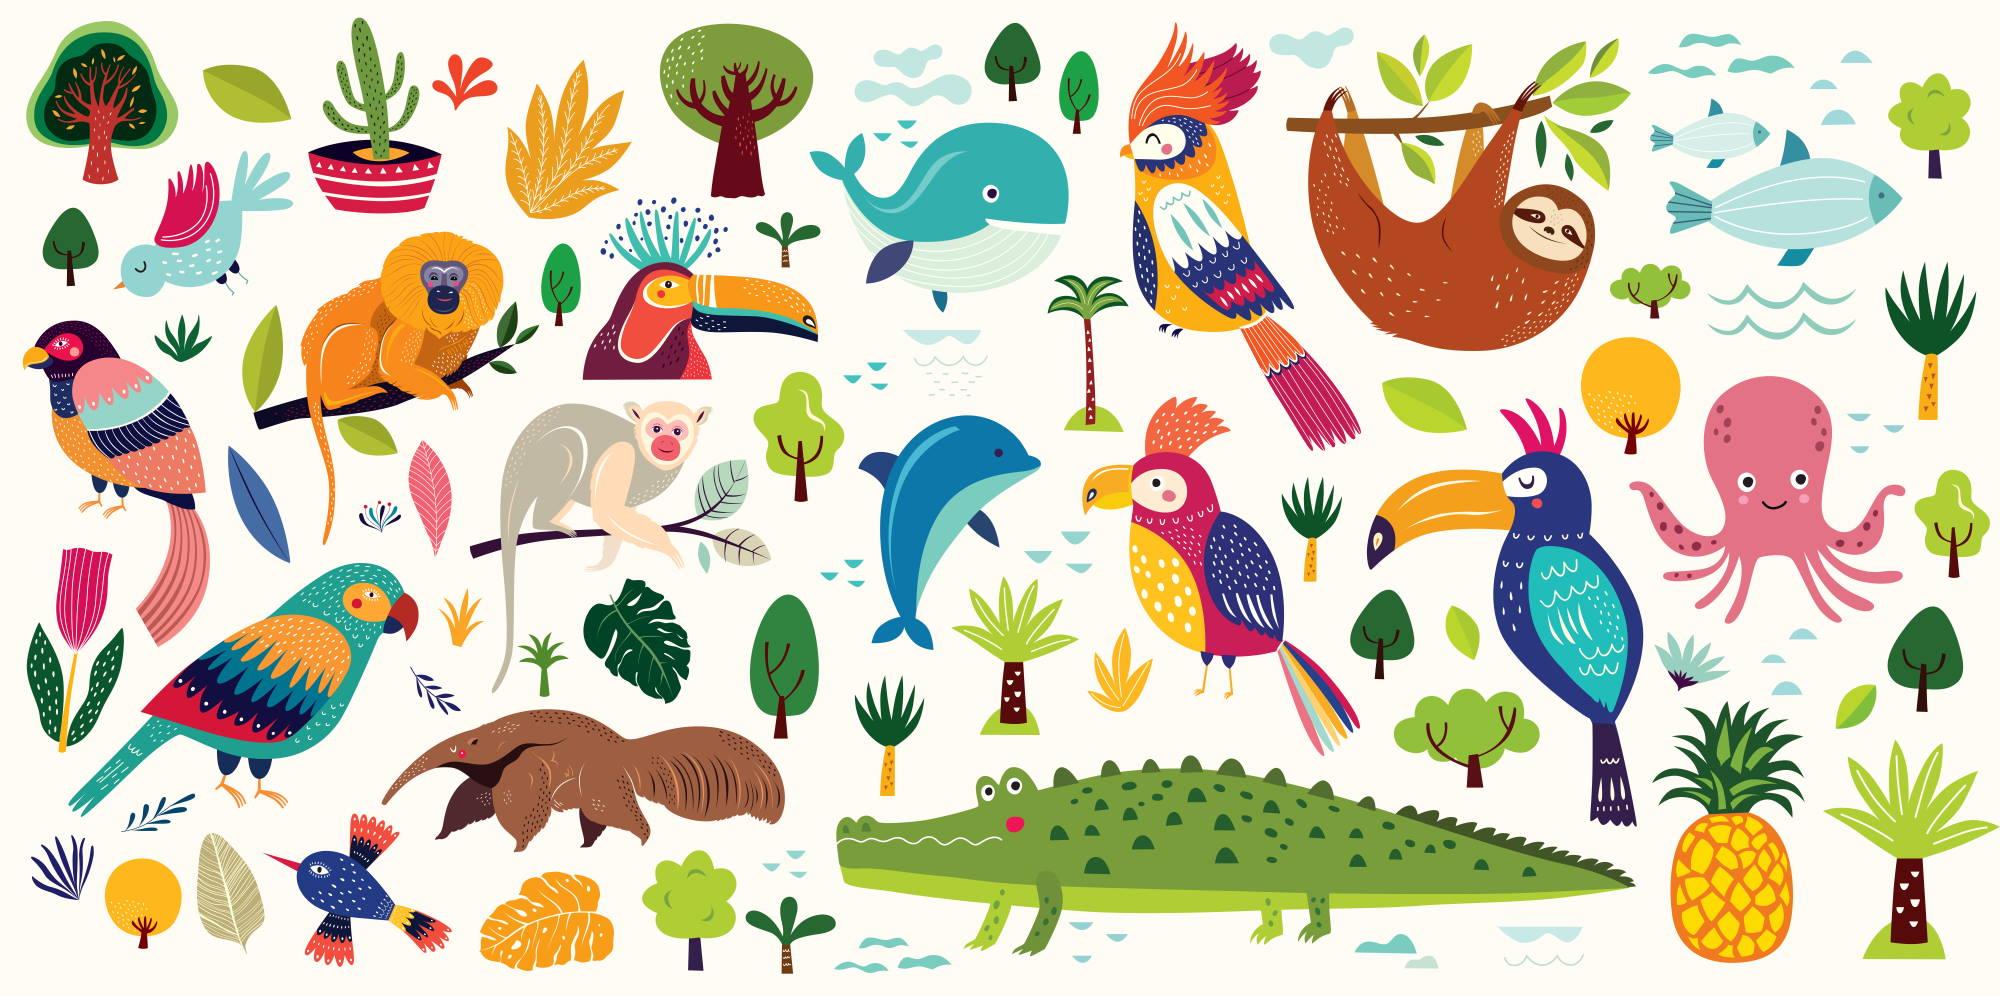 Wandtattoo Kinderzimmer mit Tieren